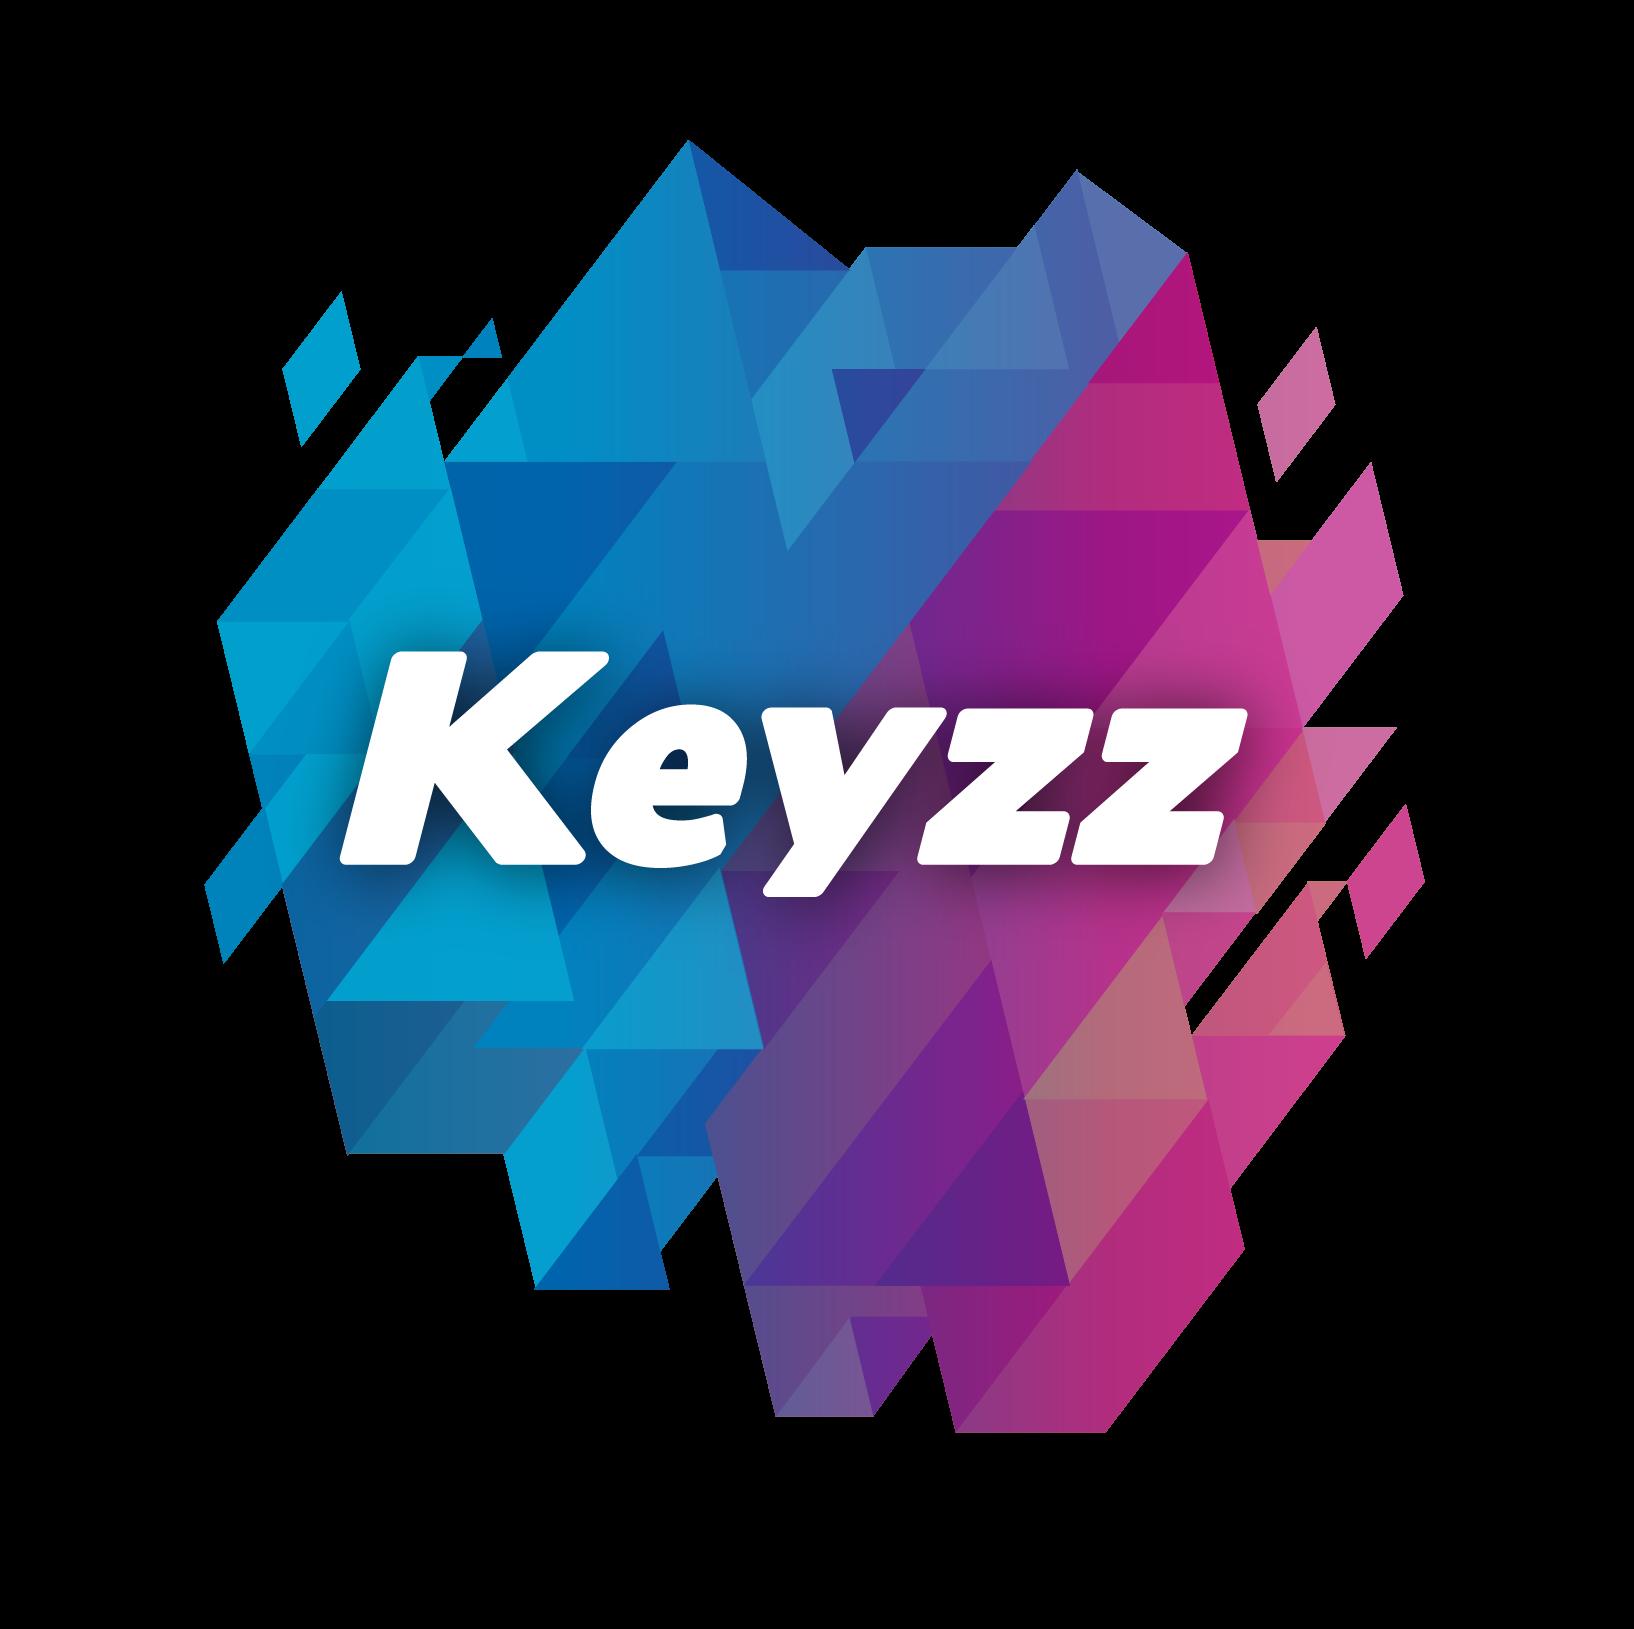 KEYZZ